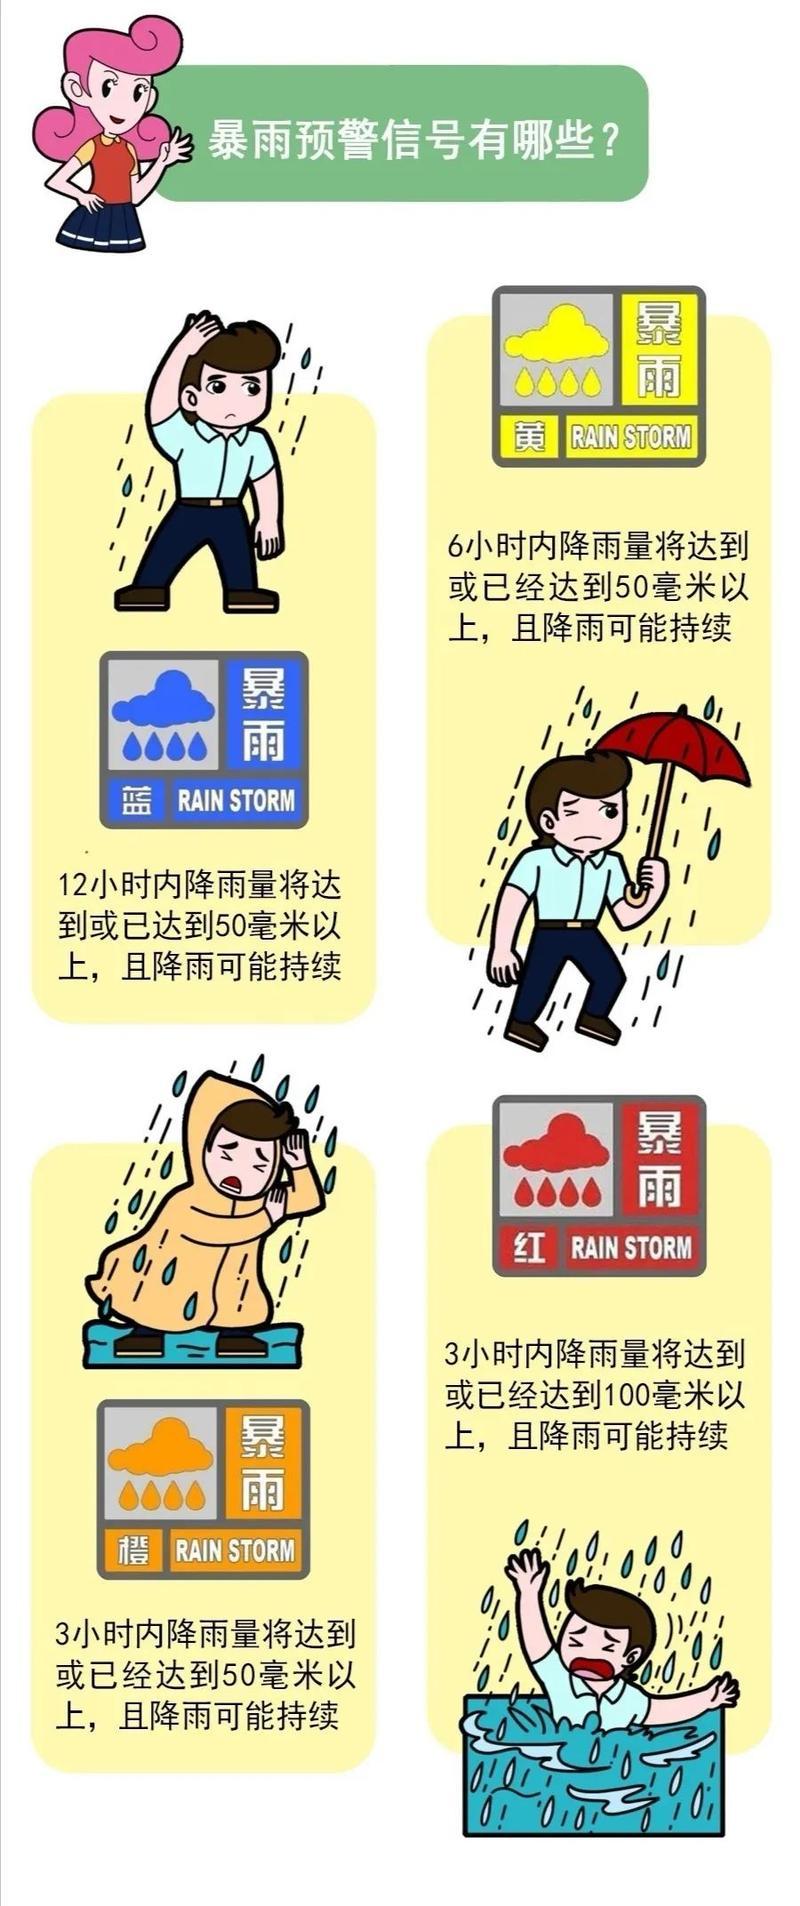 暴雨预警!Ⅳ级应急响应!福州这些地方要特别注意